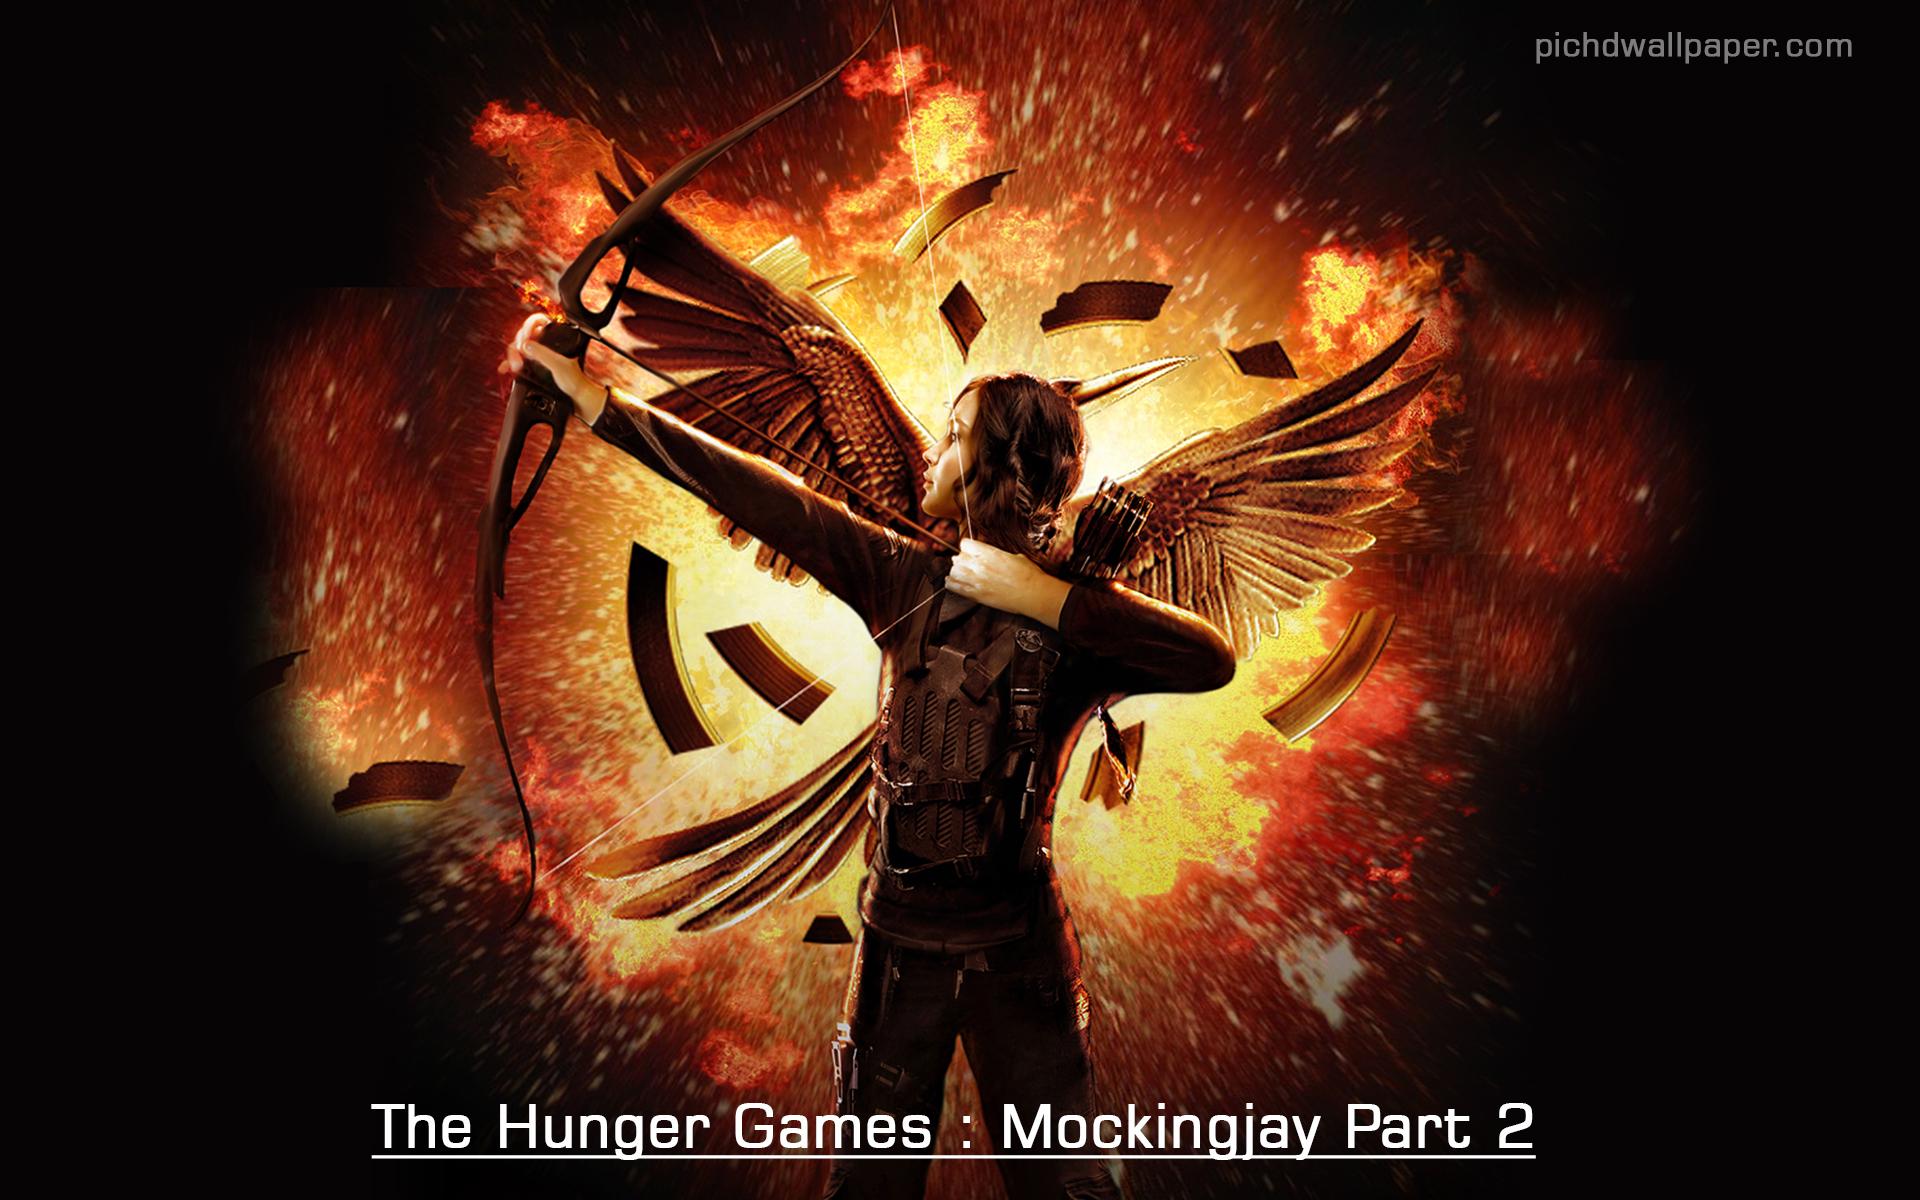 The Hunger Games   Mockingjay Part 2 Desktop HD Wallpaper 1920x1200